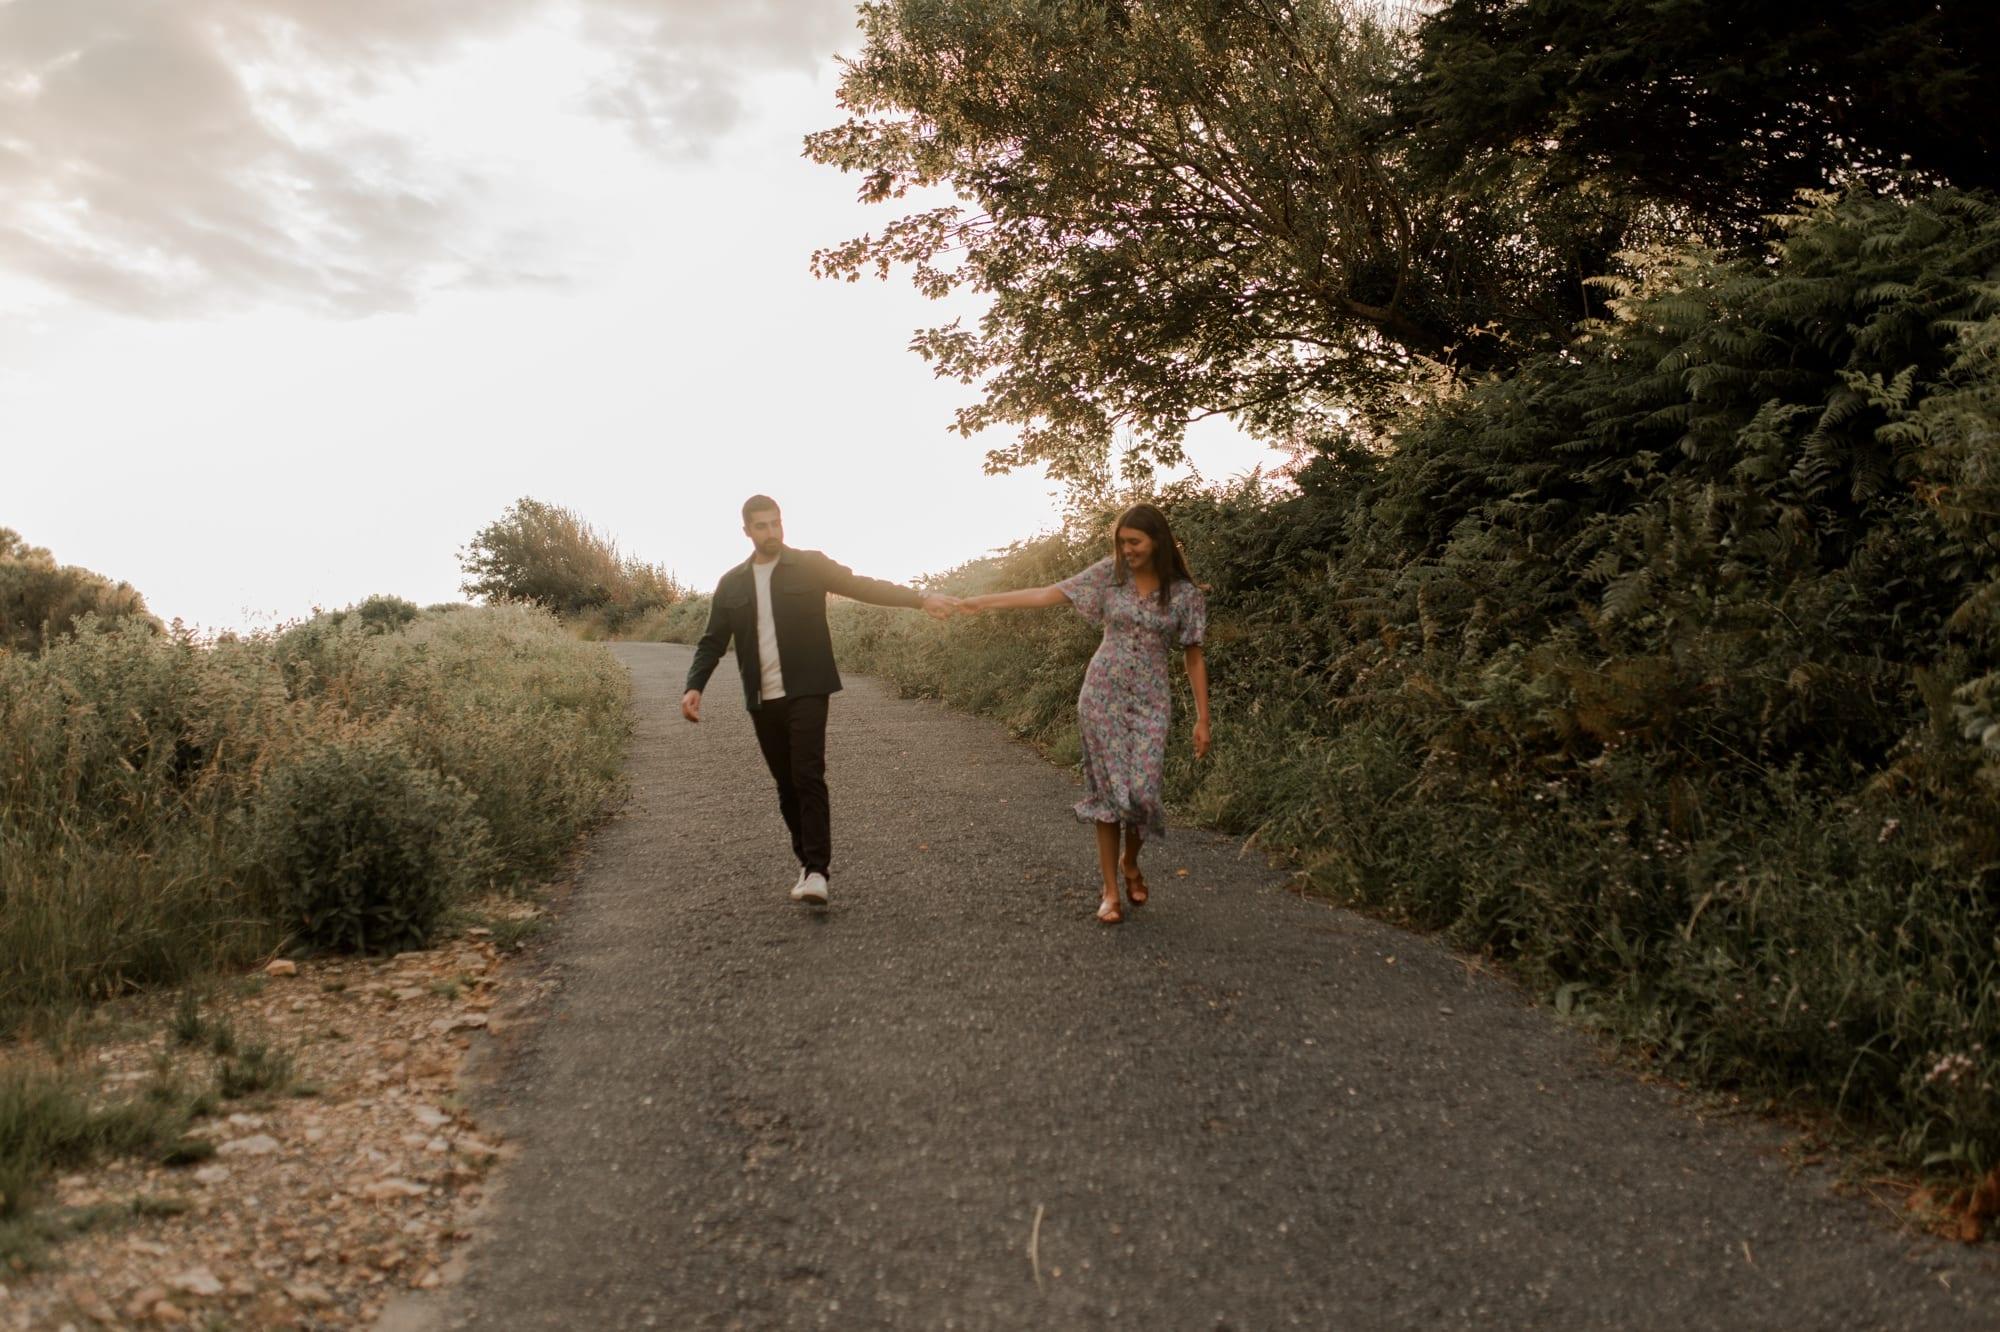 photographe vidéaste de mariage en normandie famille